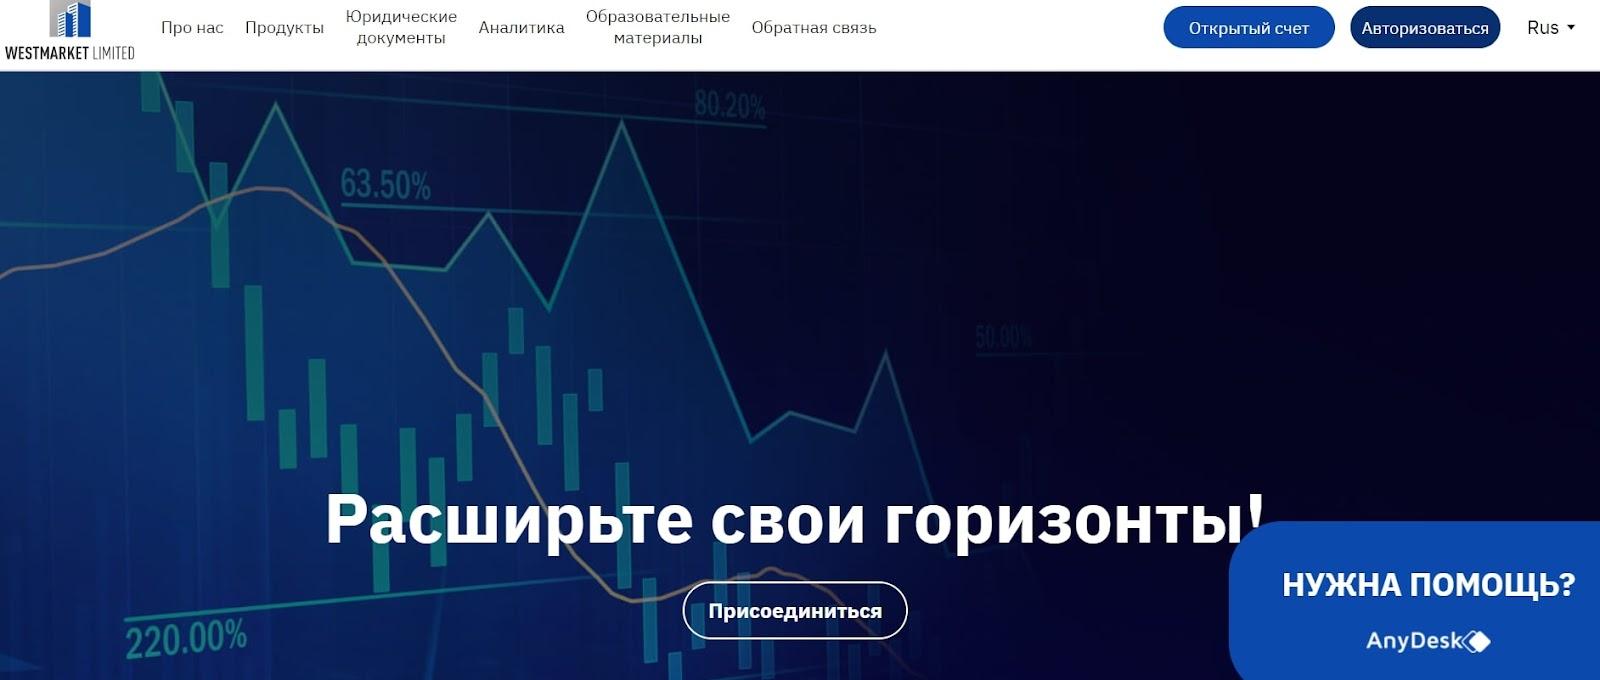 Отзывы клиентов и обзор торговой платформы Westmarket Limited